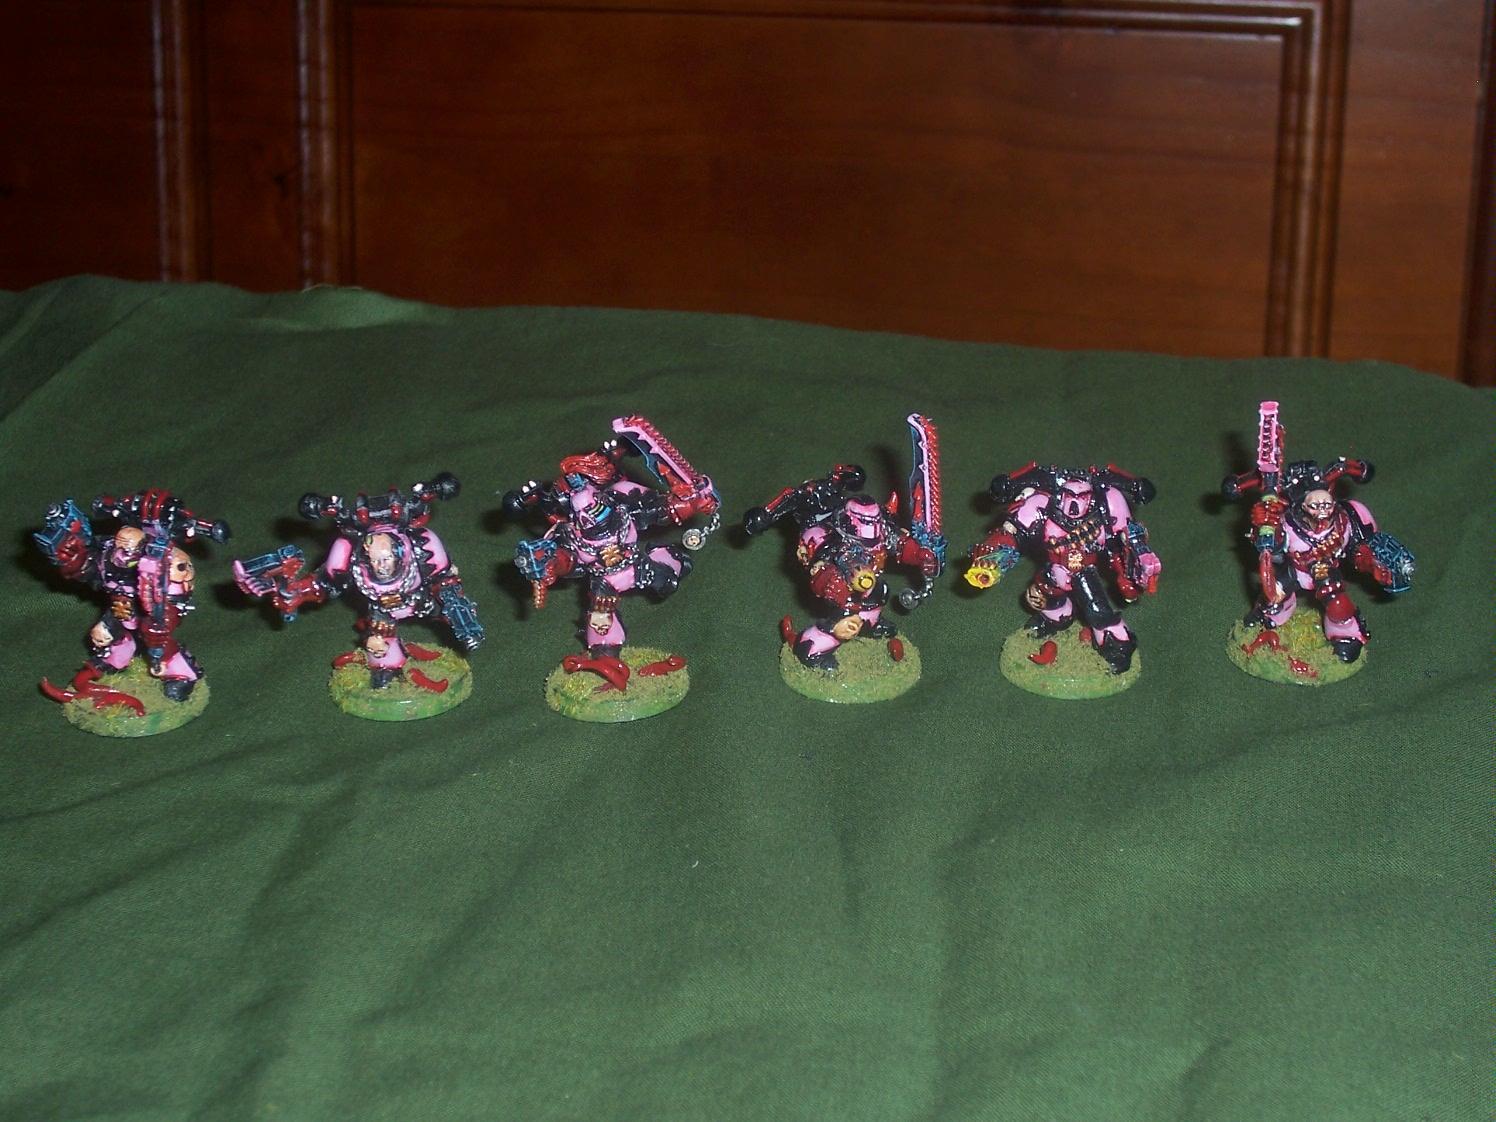 Chaos Space Marines, Emperor's Children, Slaanesh, Warhammer 40,000